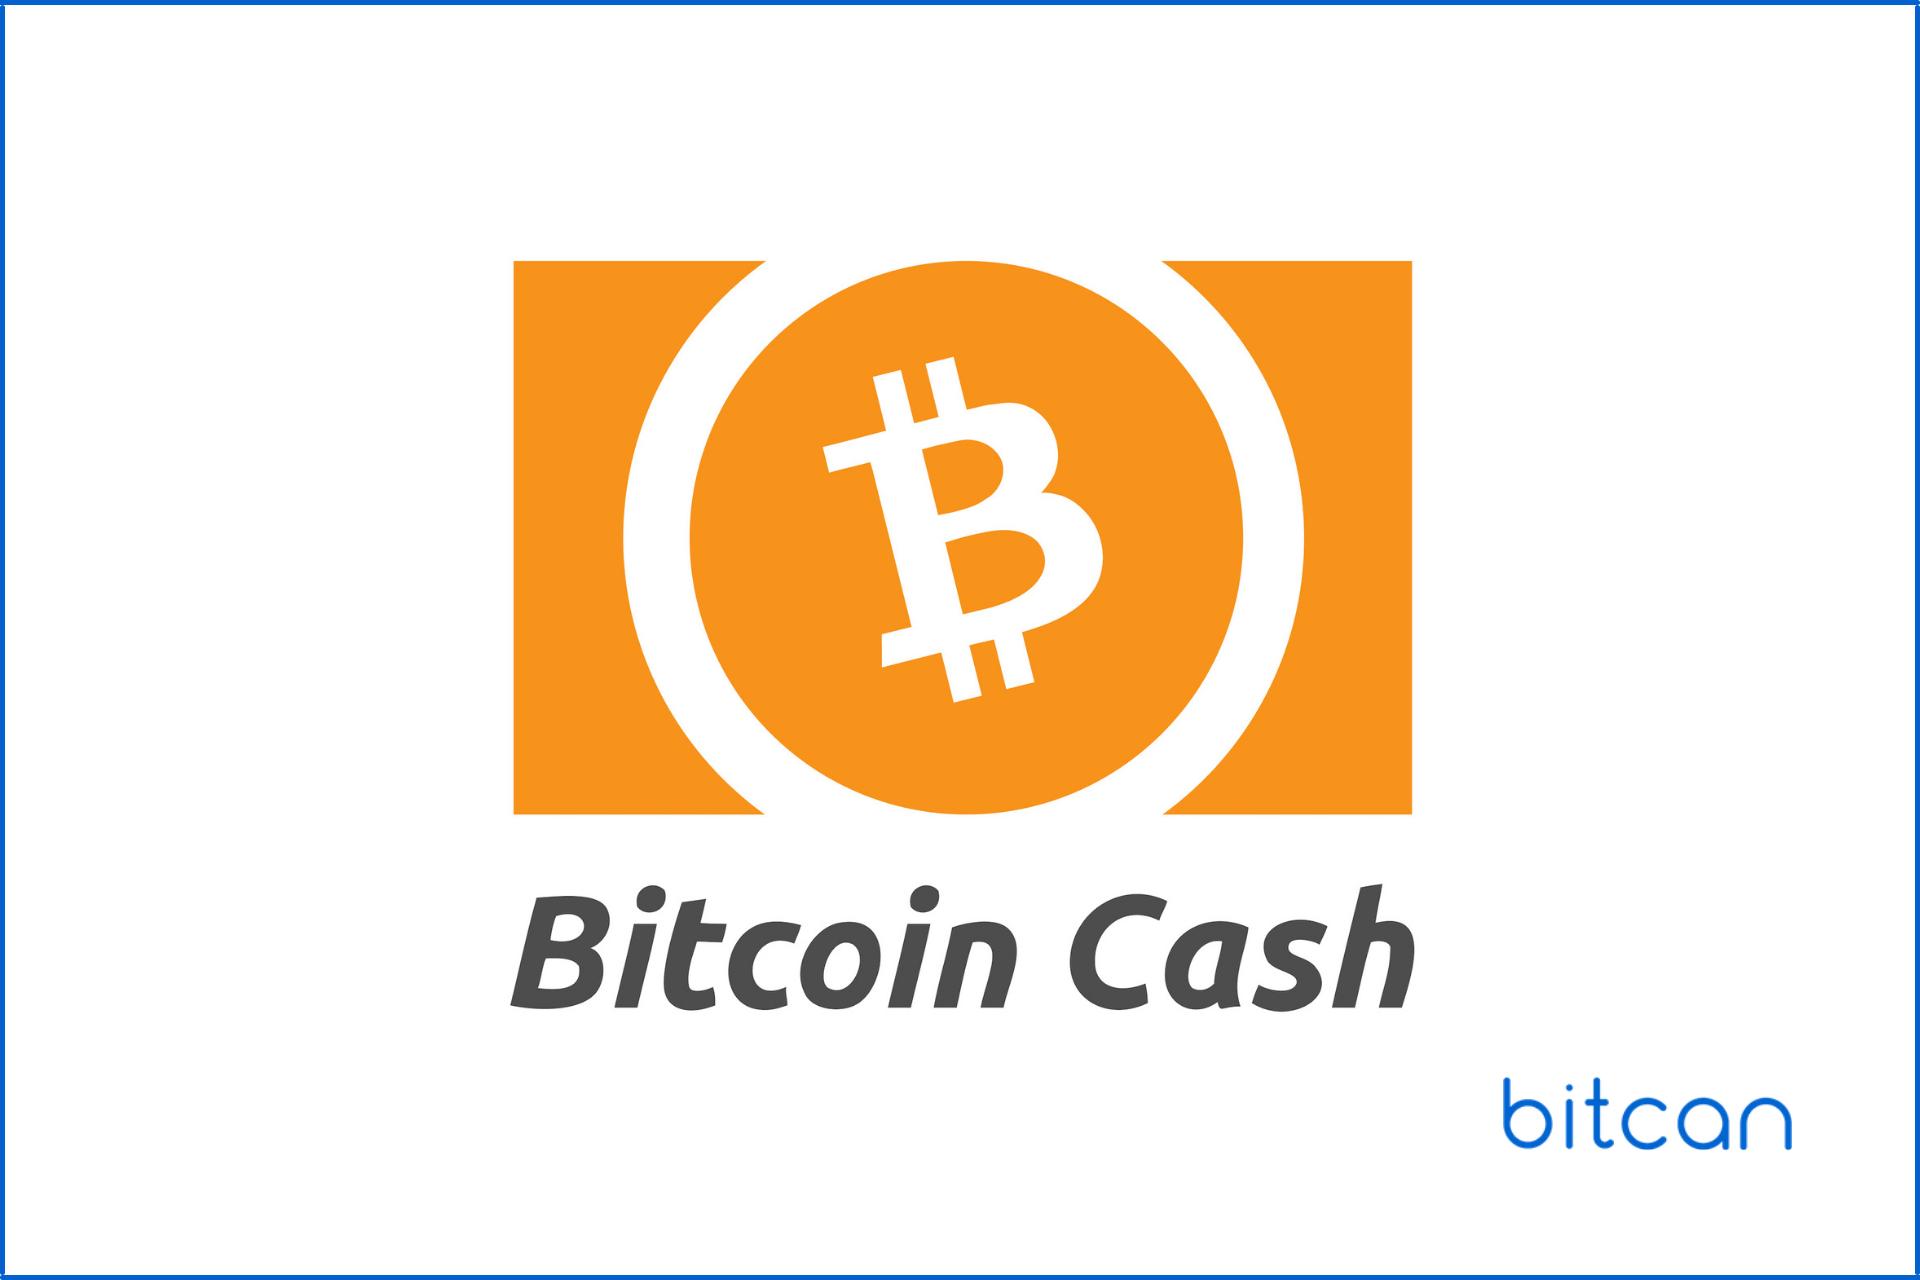 Obecna wartość Bitcoin Cash to tylko ok. 1% wartości bitcoina